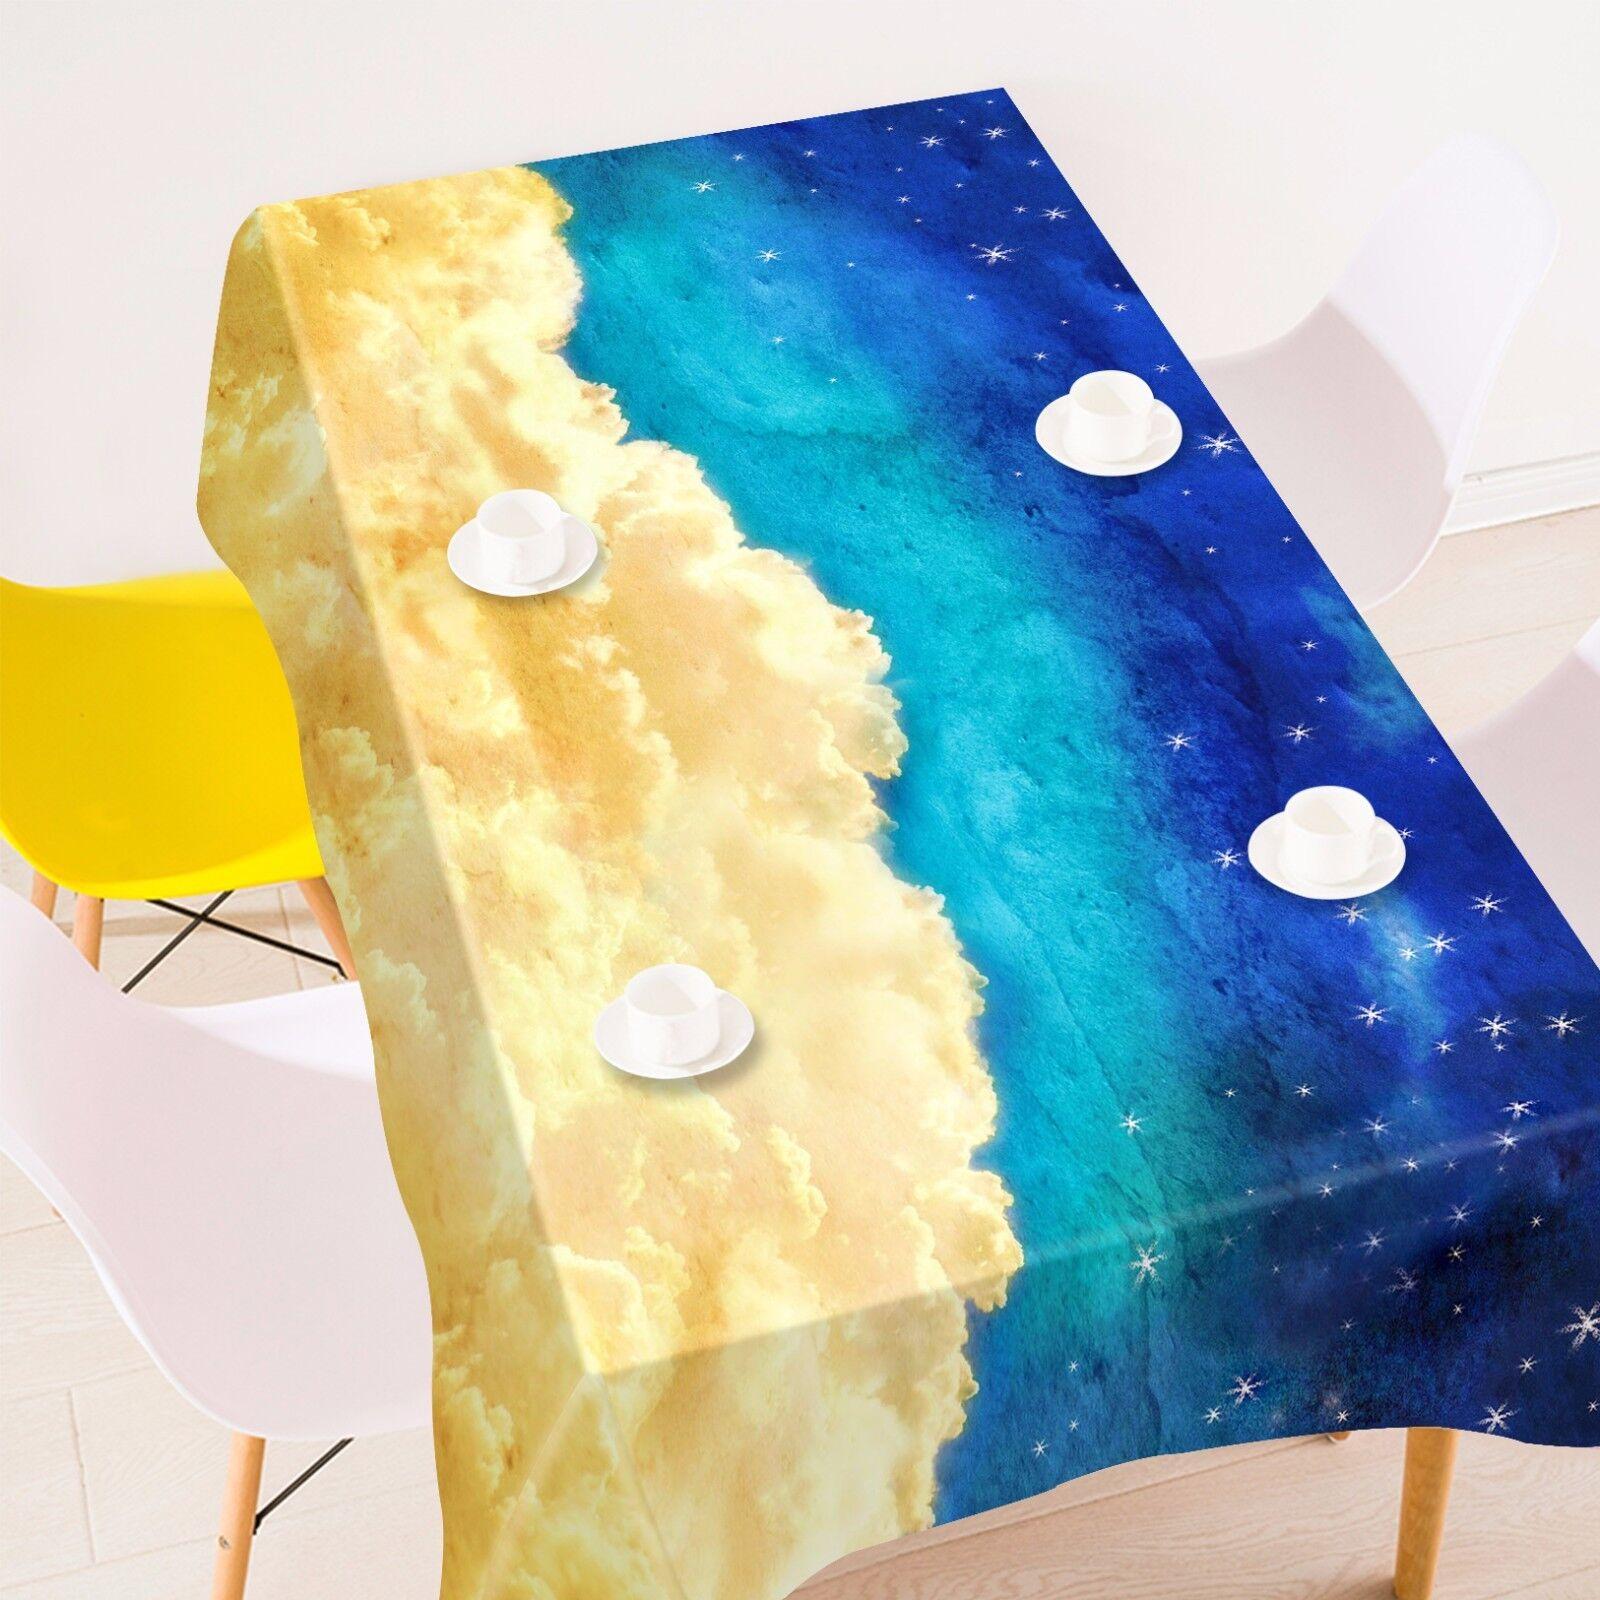 3D NUAGES Star Nappe Table Cover Cloth fête d'anniversaire AJ papier peint Royaume-Uni Citron